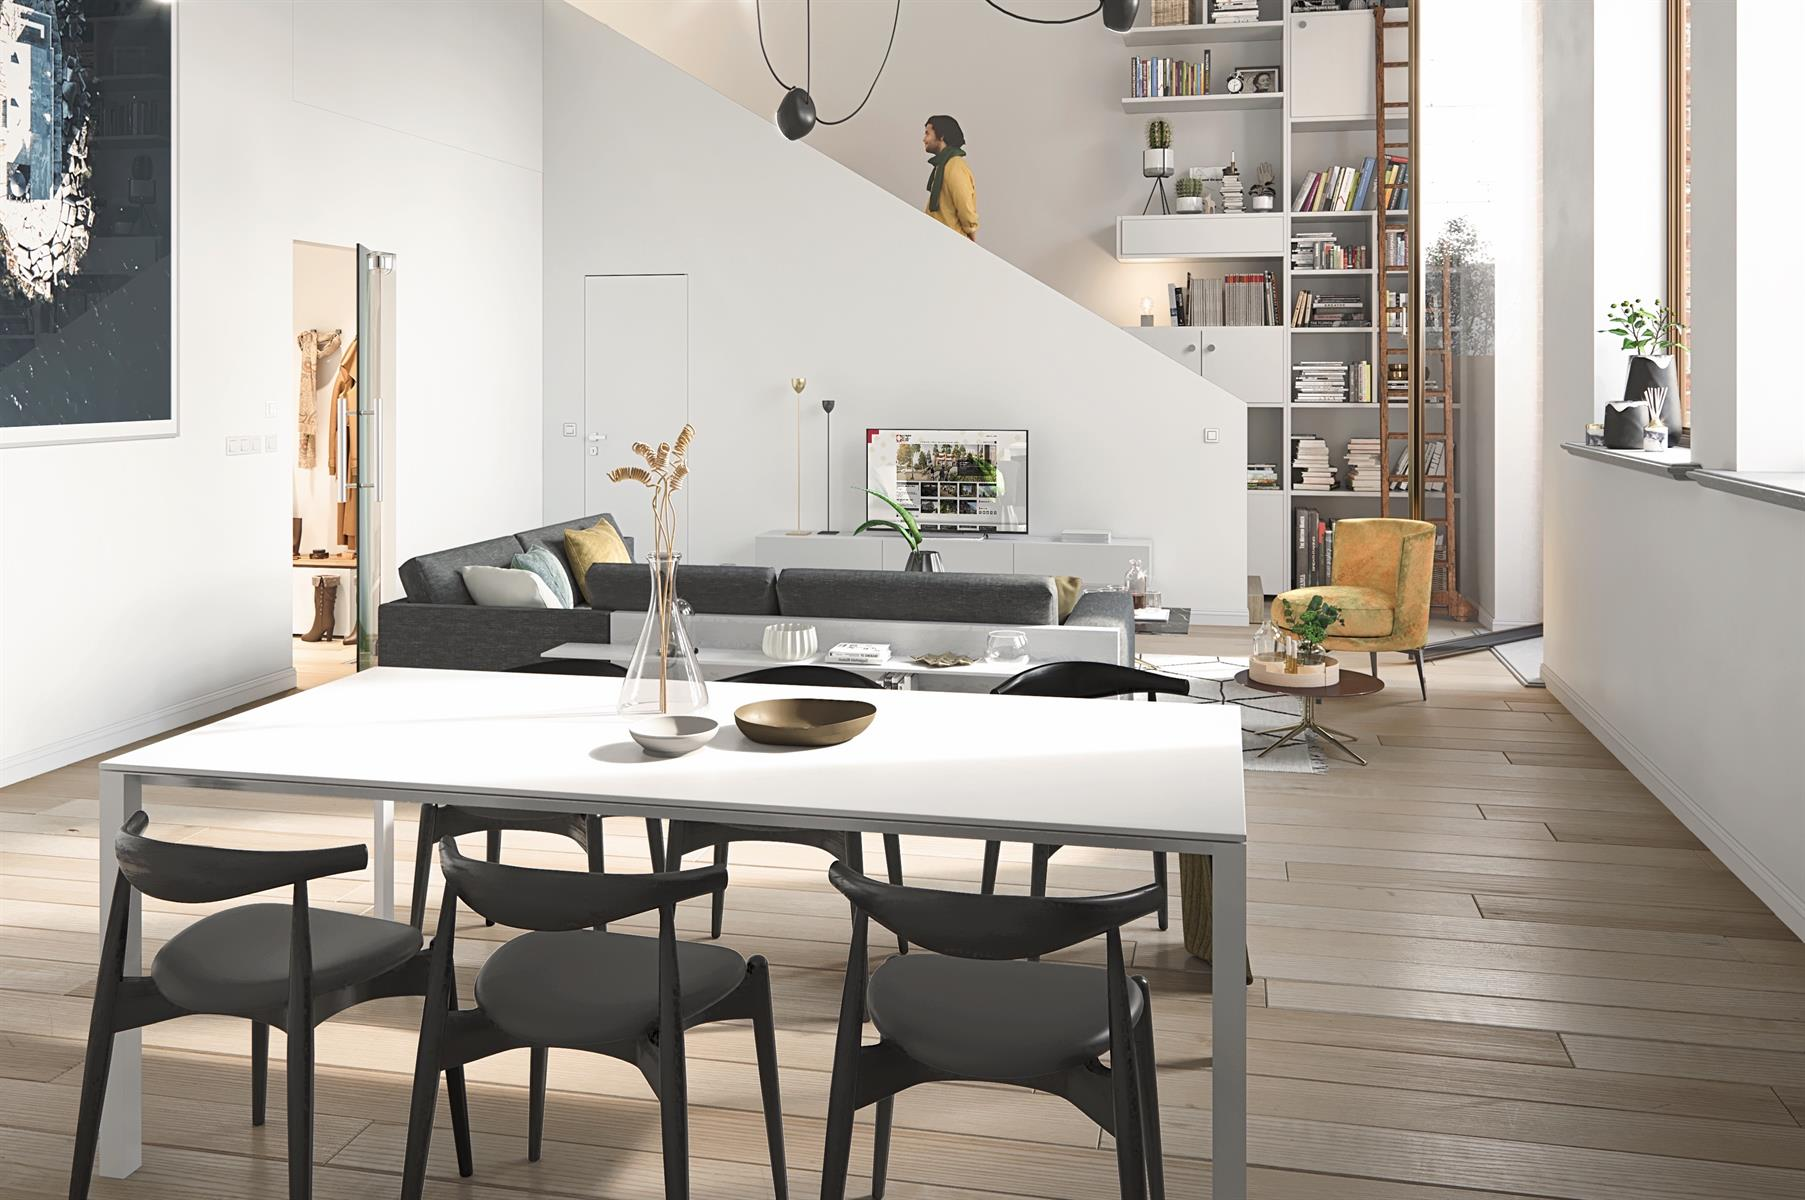 Appartement Te koop Deinze AP 1.4 - Pakhuis - Appartement